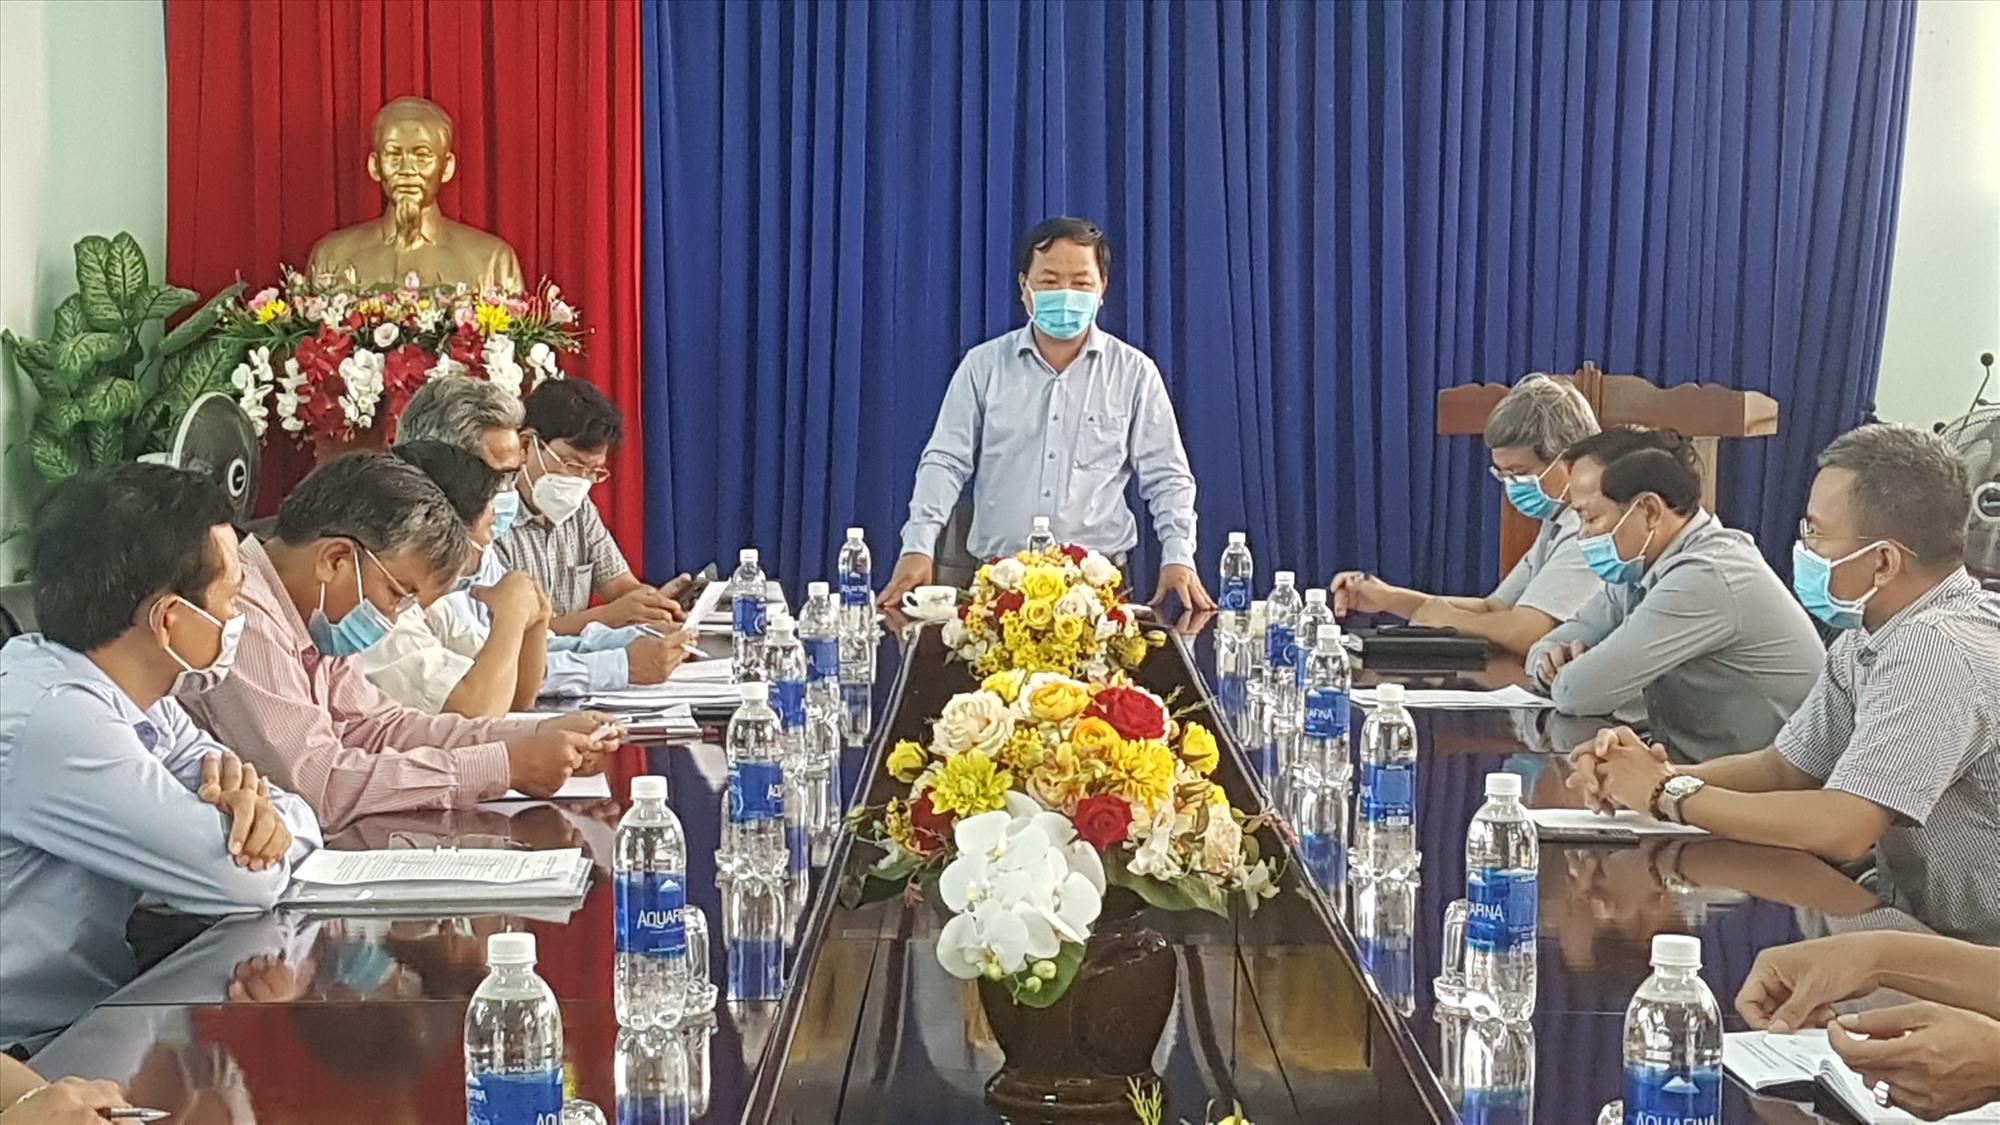 Phó Chủ tịch UBND tỉnh Nguyễn Hồng Quang làm việc với chủ đầu tư và các doanh nghiệp trong KCN Điện Nam - Điện Ngọc. Ảnh: D.L